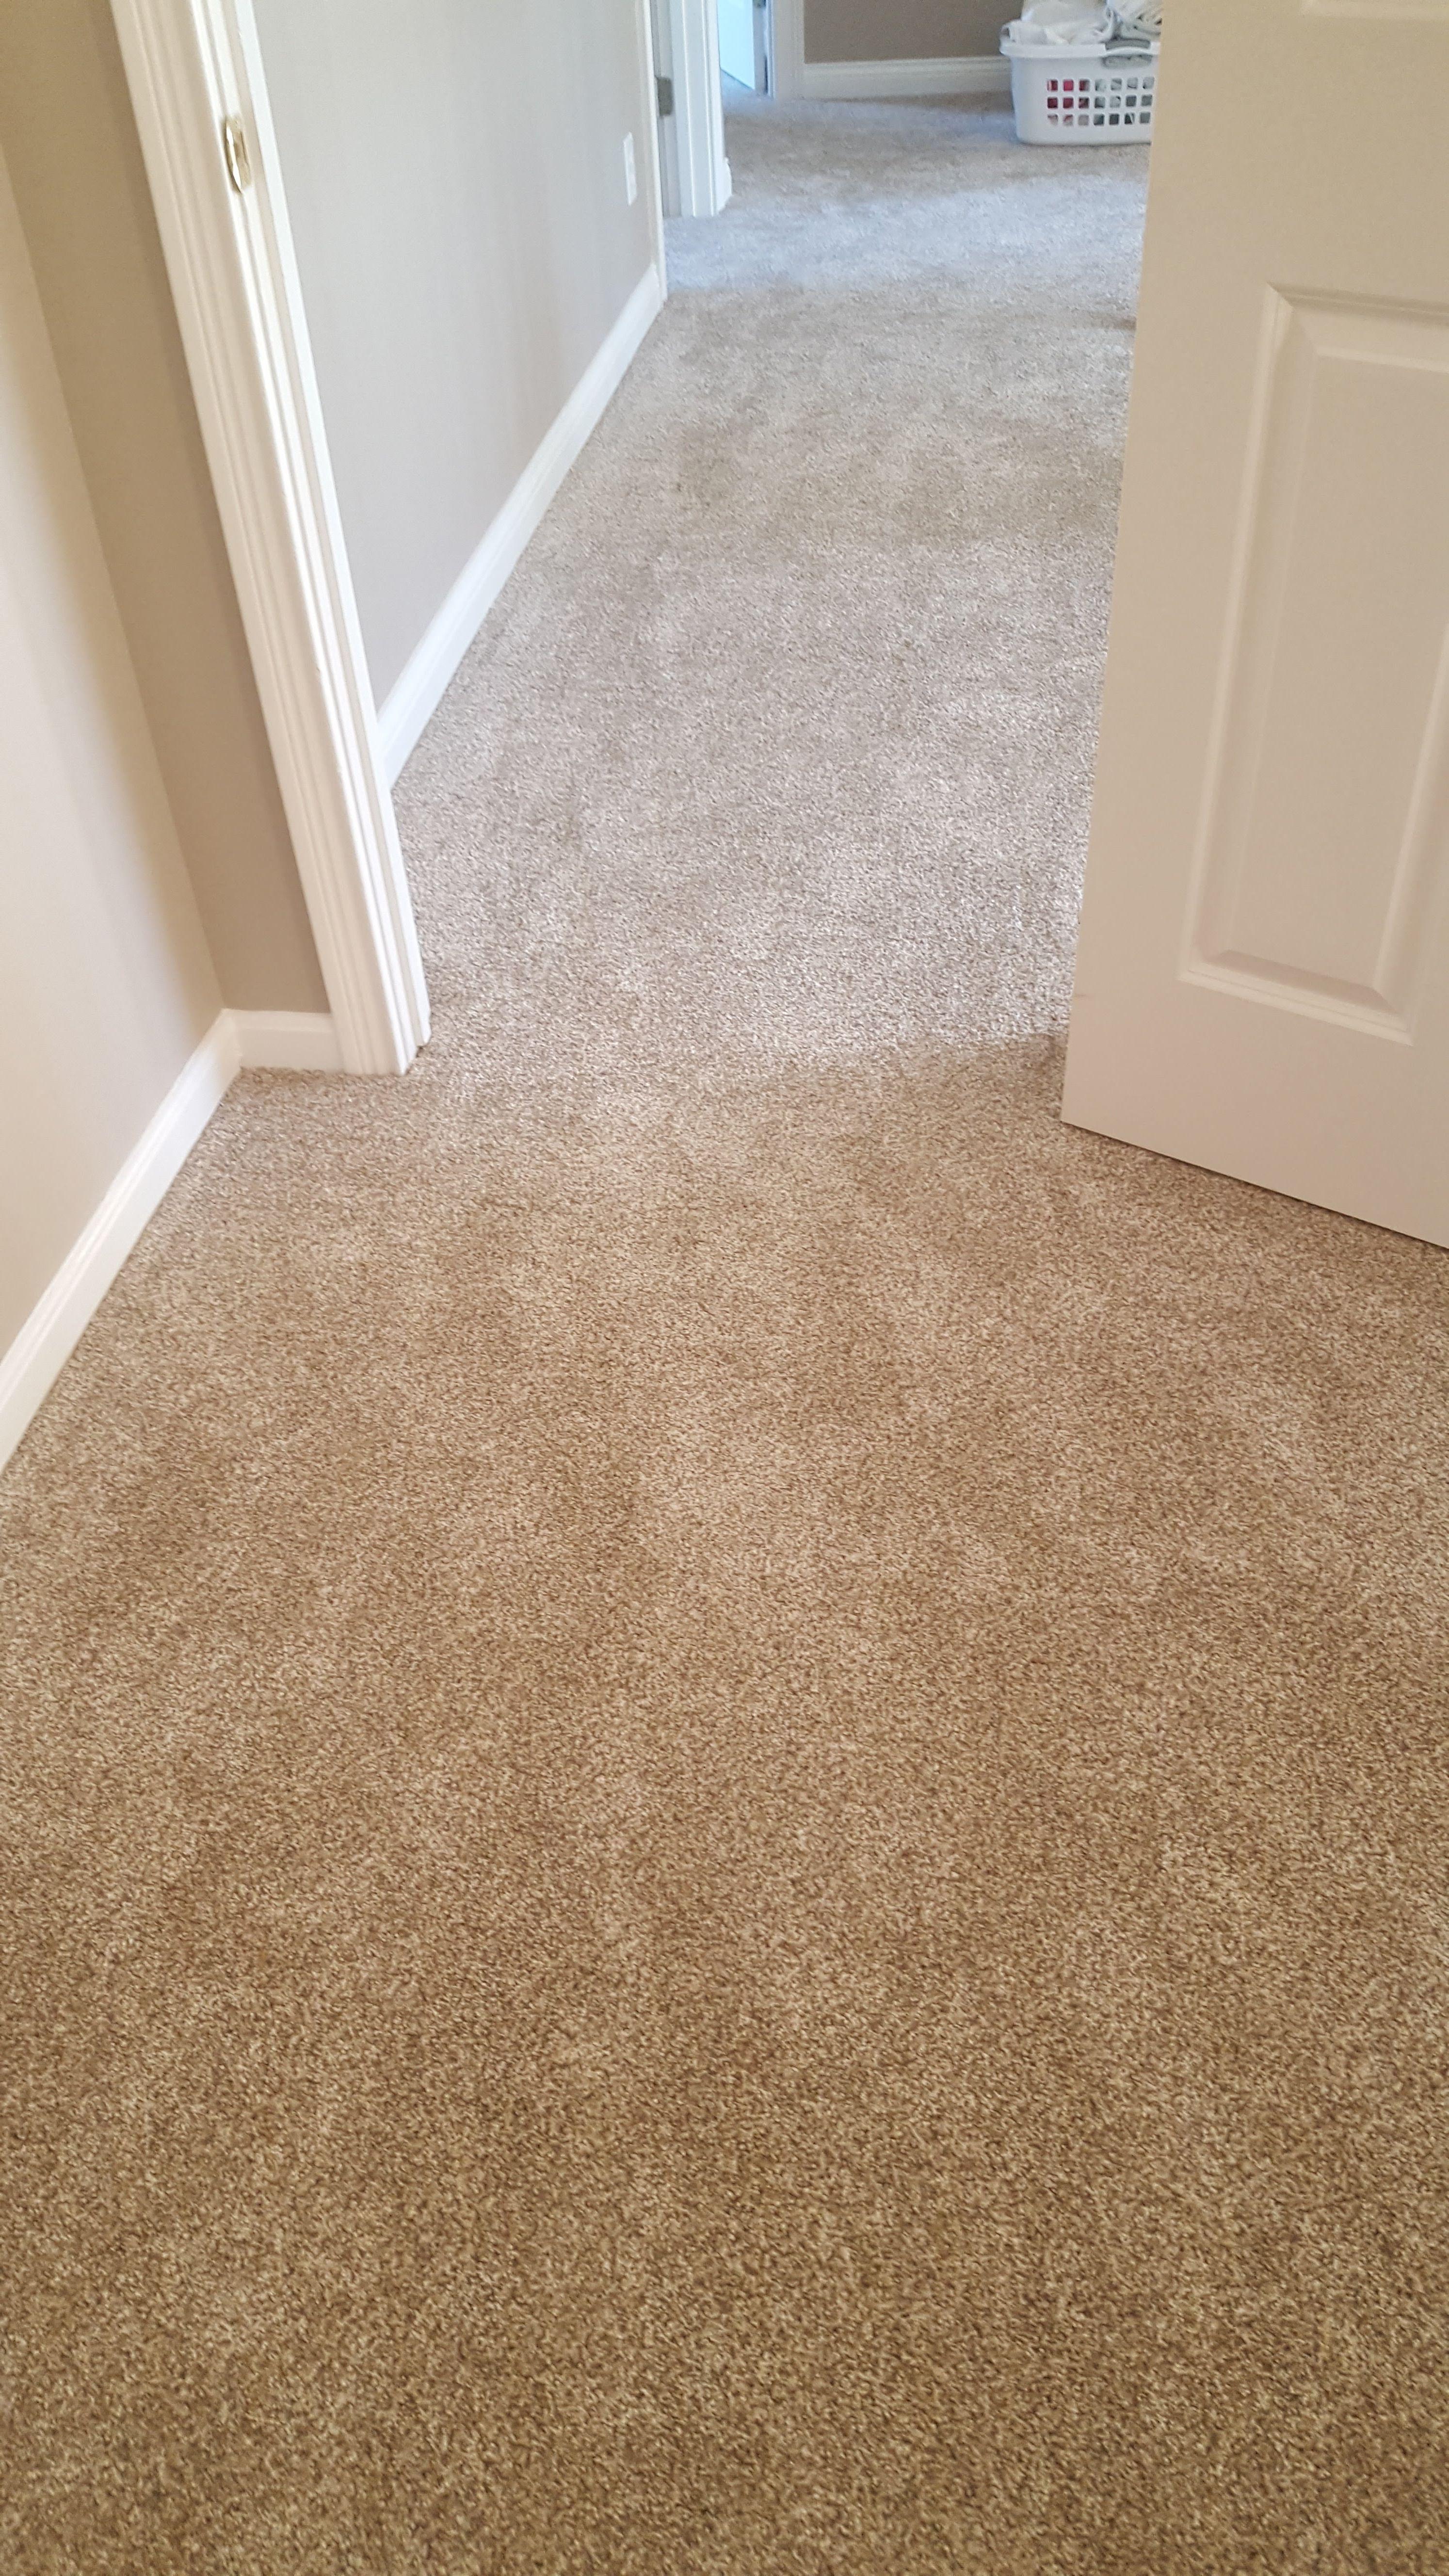 Secret Dream In Tortoise Shell Carpet Samples Burber Carpet Stainmaster